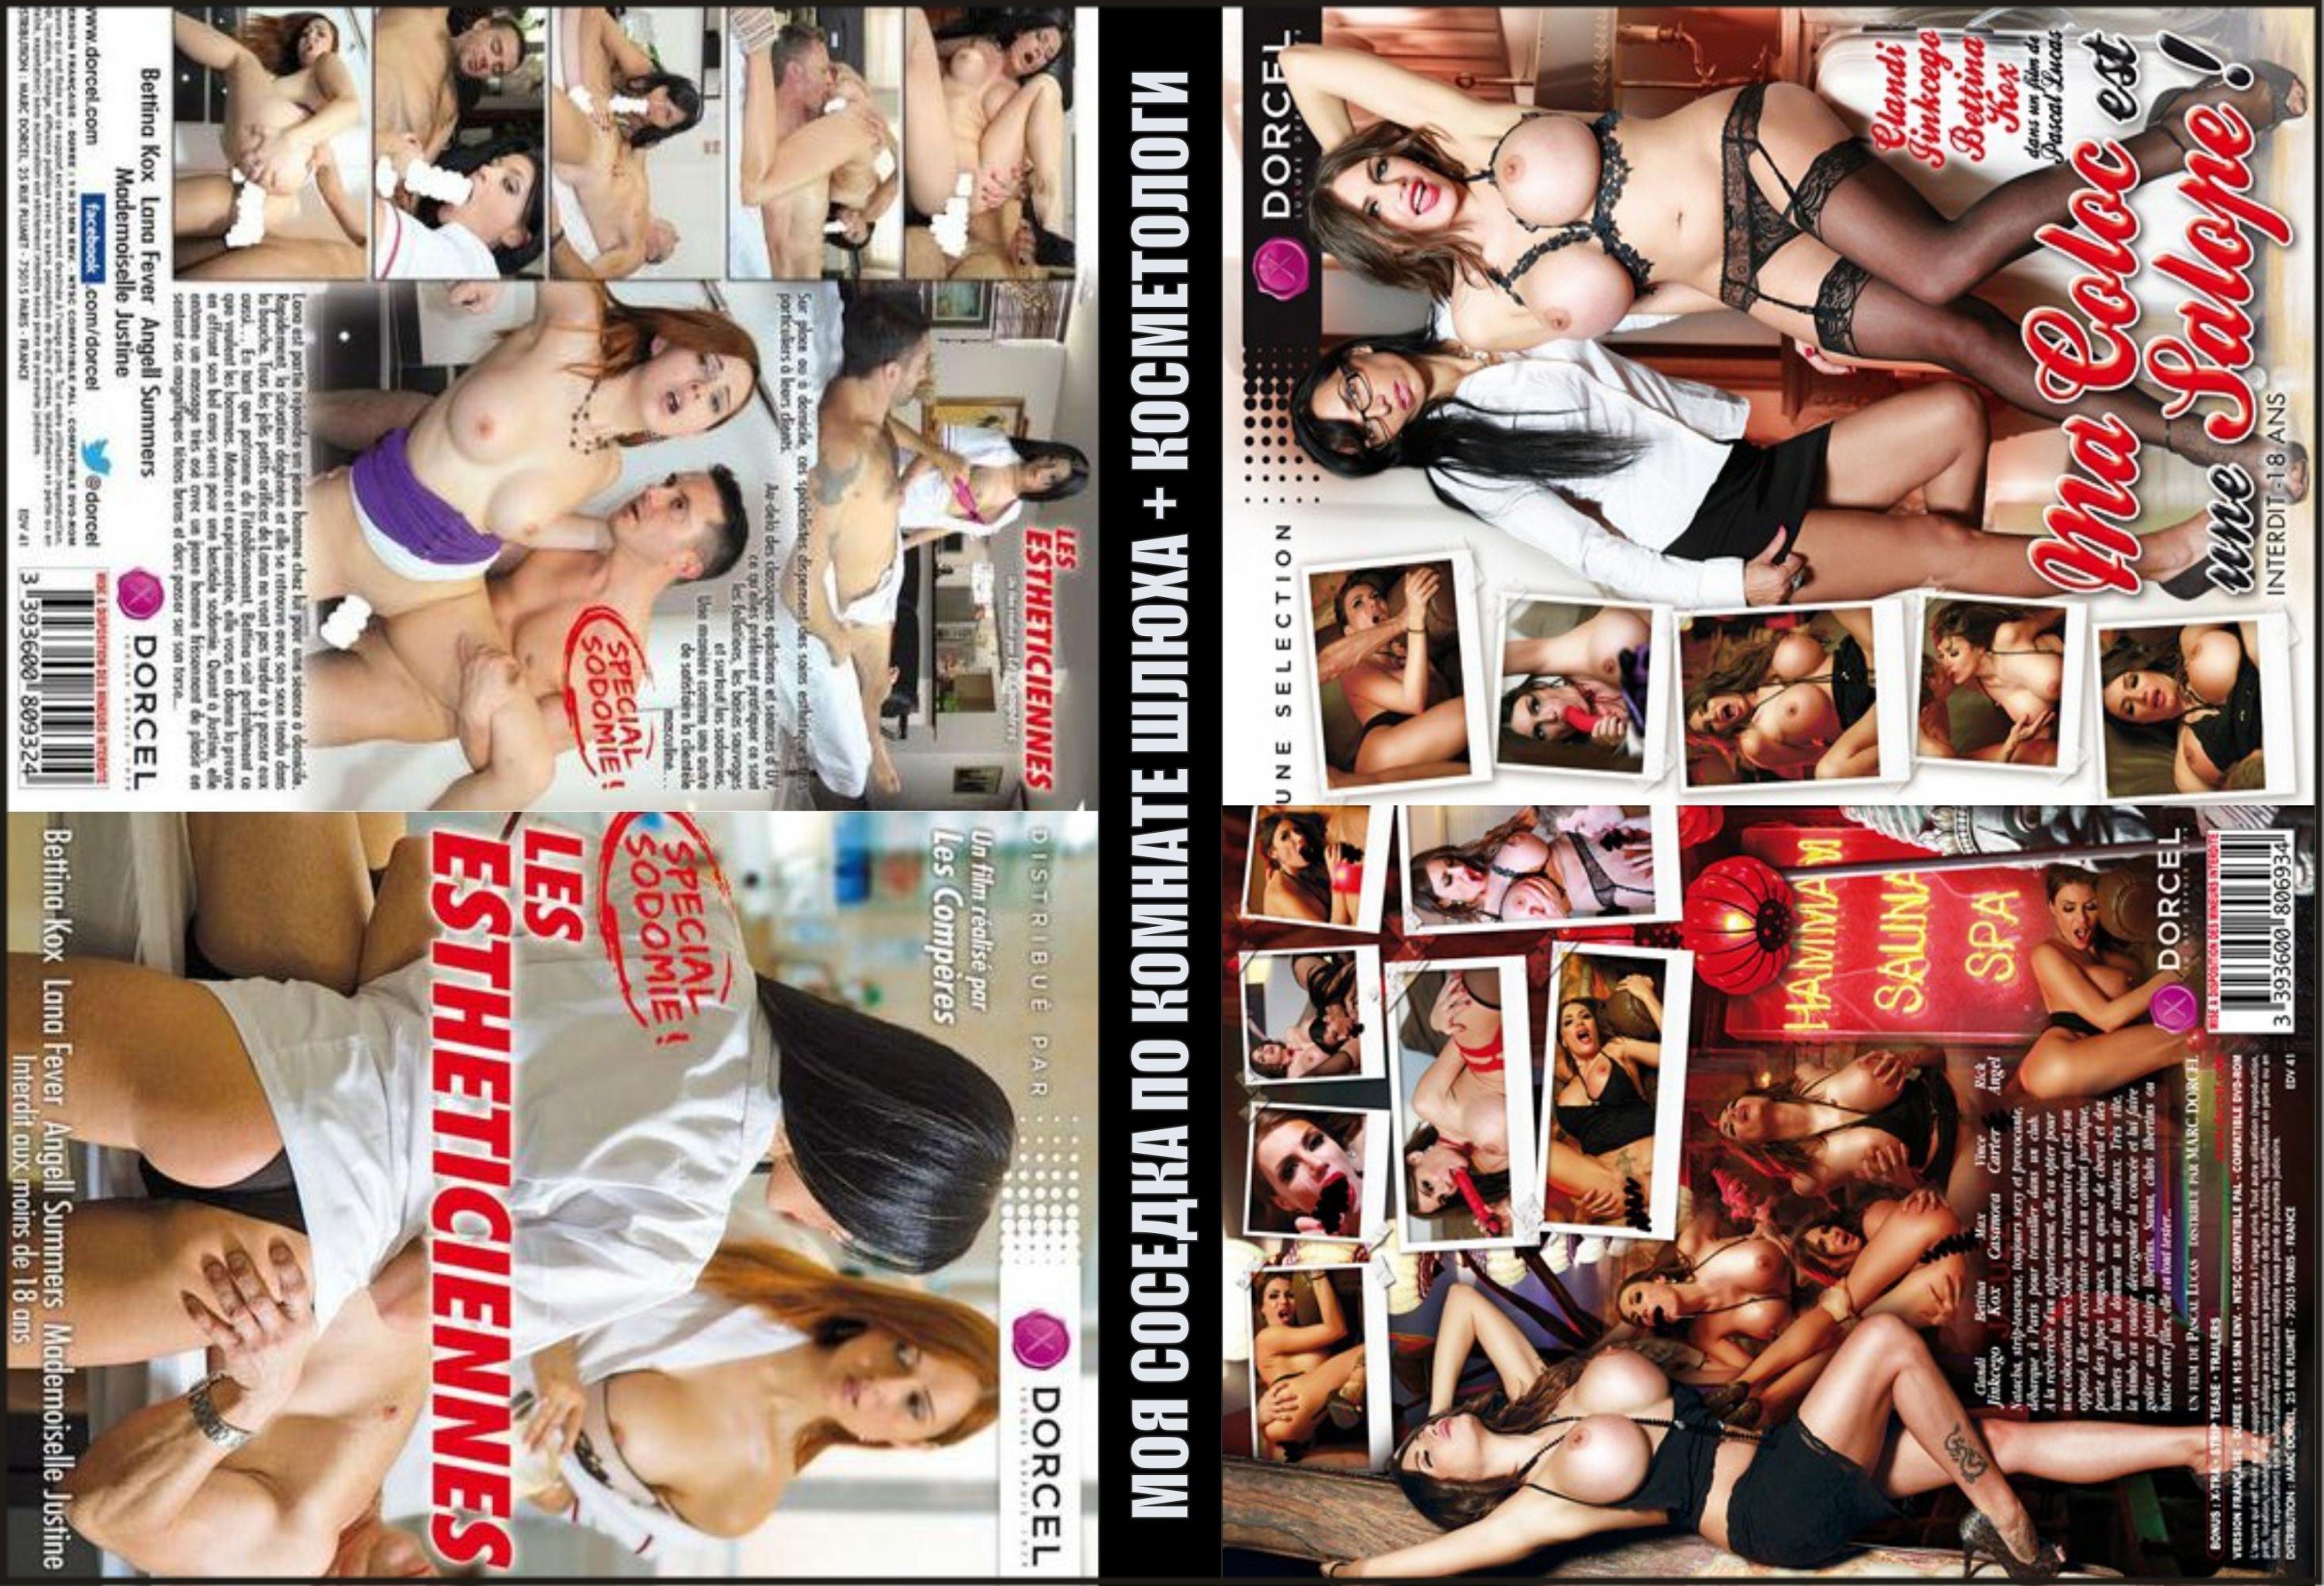 Эротика порно dvd 9 фотография